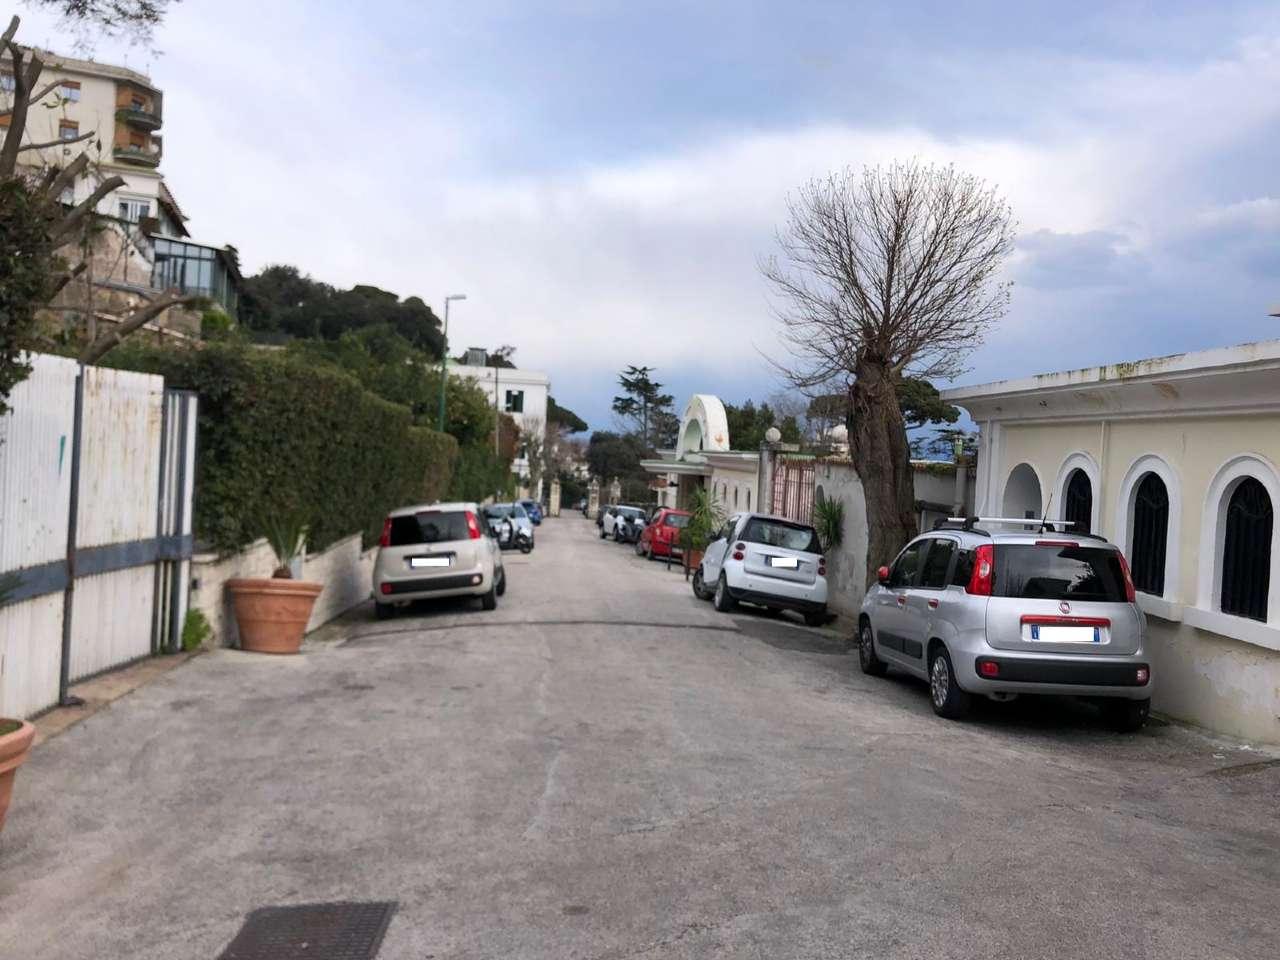 Appartamento, Via Aniello Falcone, zona Vomero, Napoli, foto 8